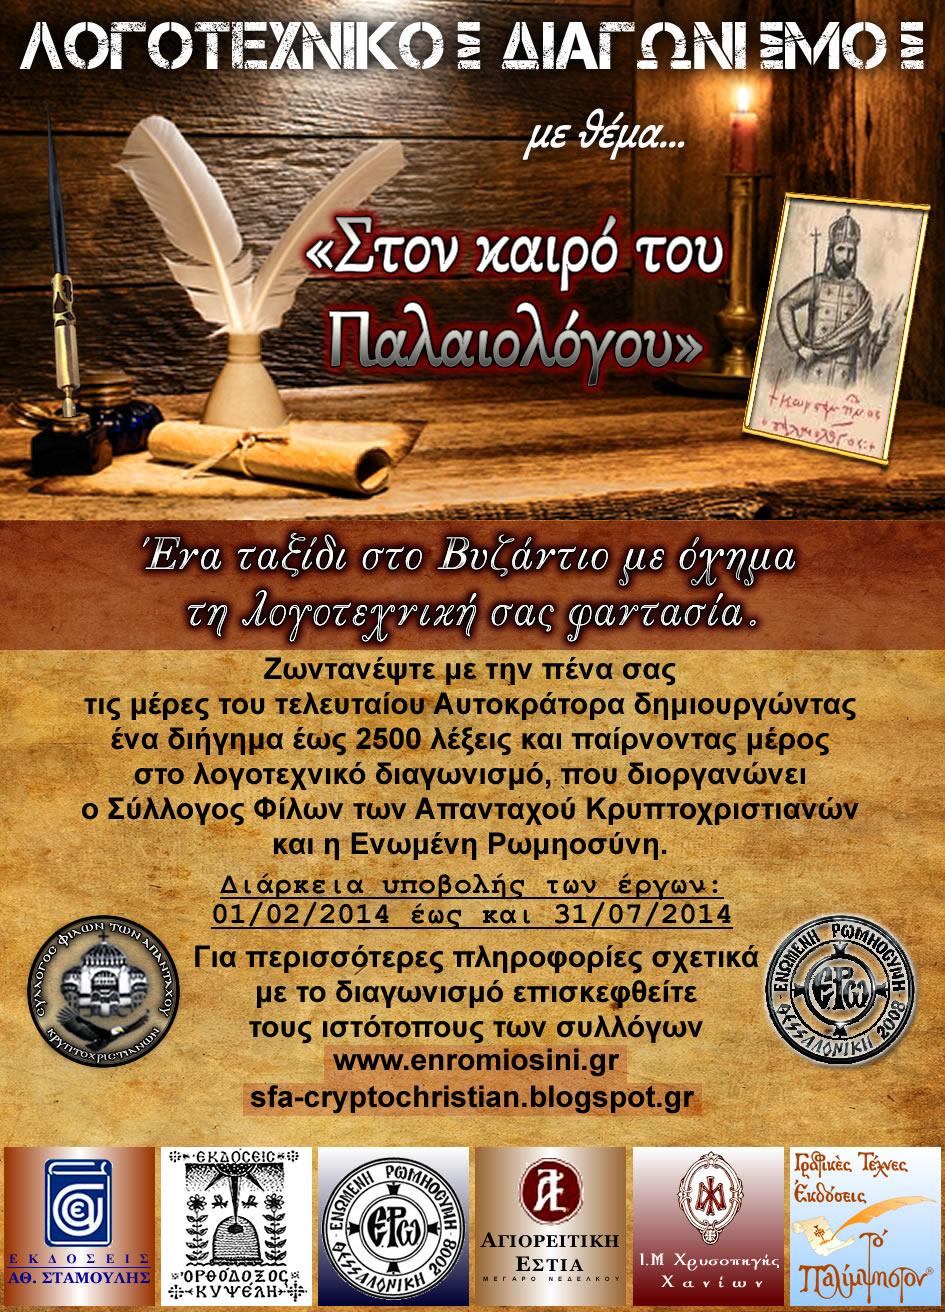 ΛΟΓΟΤΕΧΝΙΚΟΣ ΔΙΑΓΩΝΙΣΜΟΣ - ΔΕΛΤΙΟ ΤΥΠΟΥ